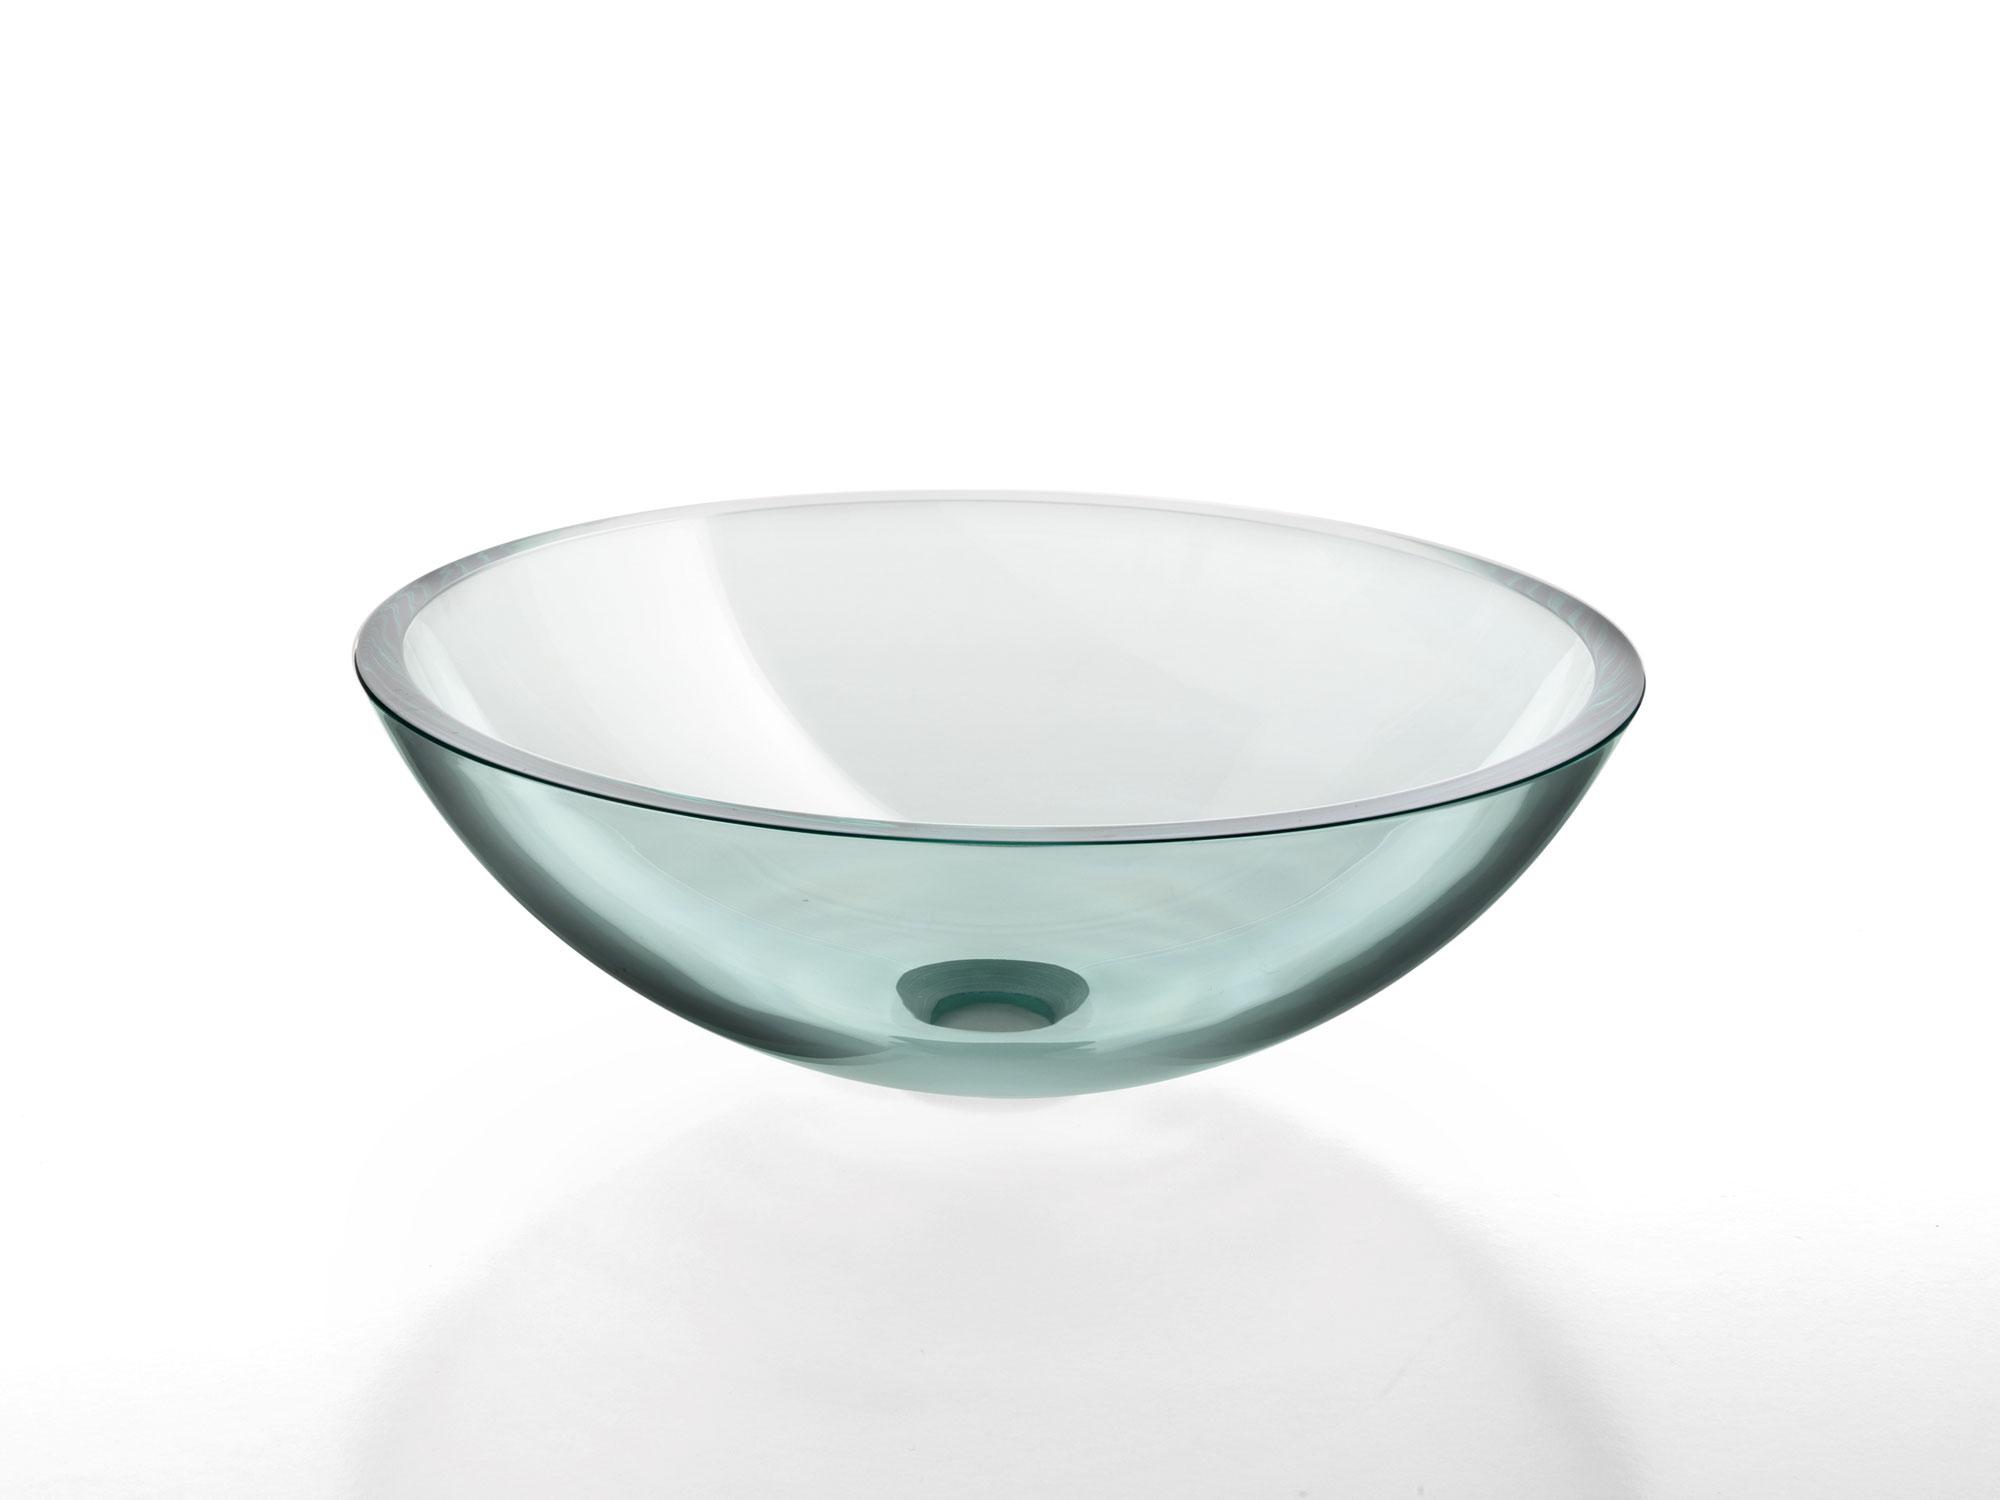 waschbecken aus glas erh ltlich bei hopra badart. Black Bedroom Furniture Sets. Home Design Ideas